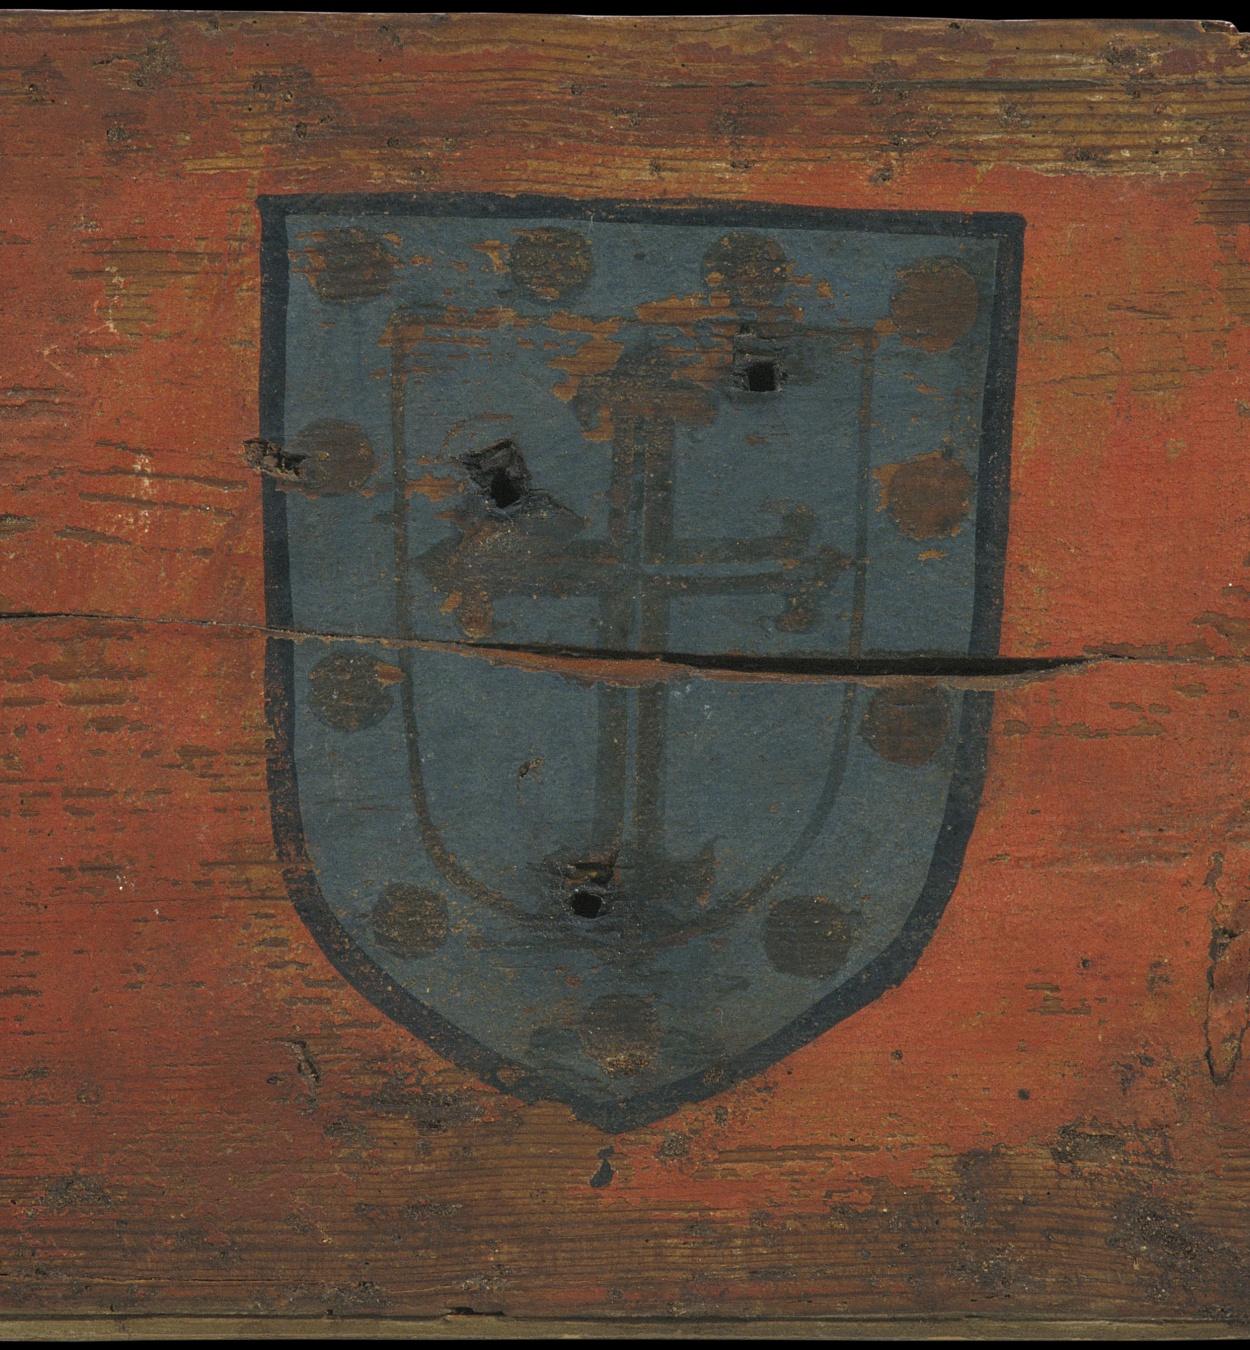 Anònim. Castella - Tauleta d'enteixinat amb escut - Primera meitat del segle XIV